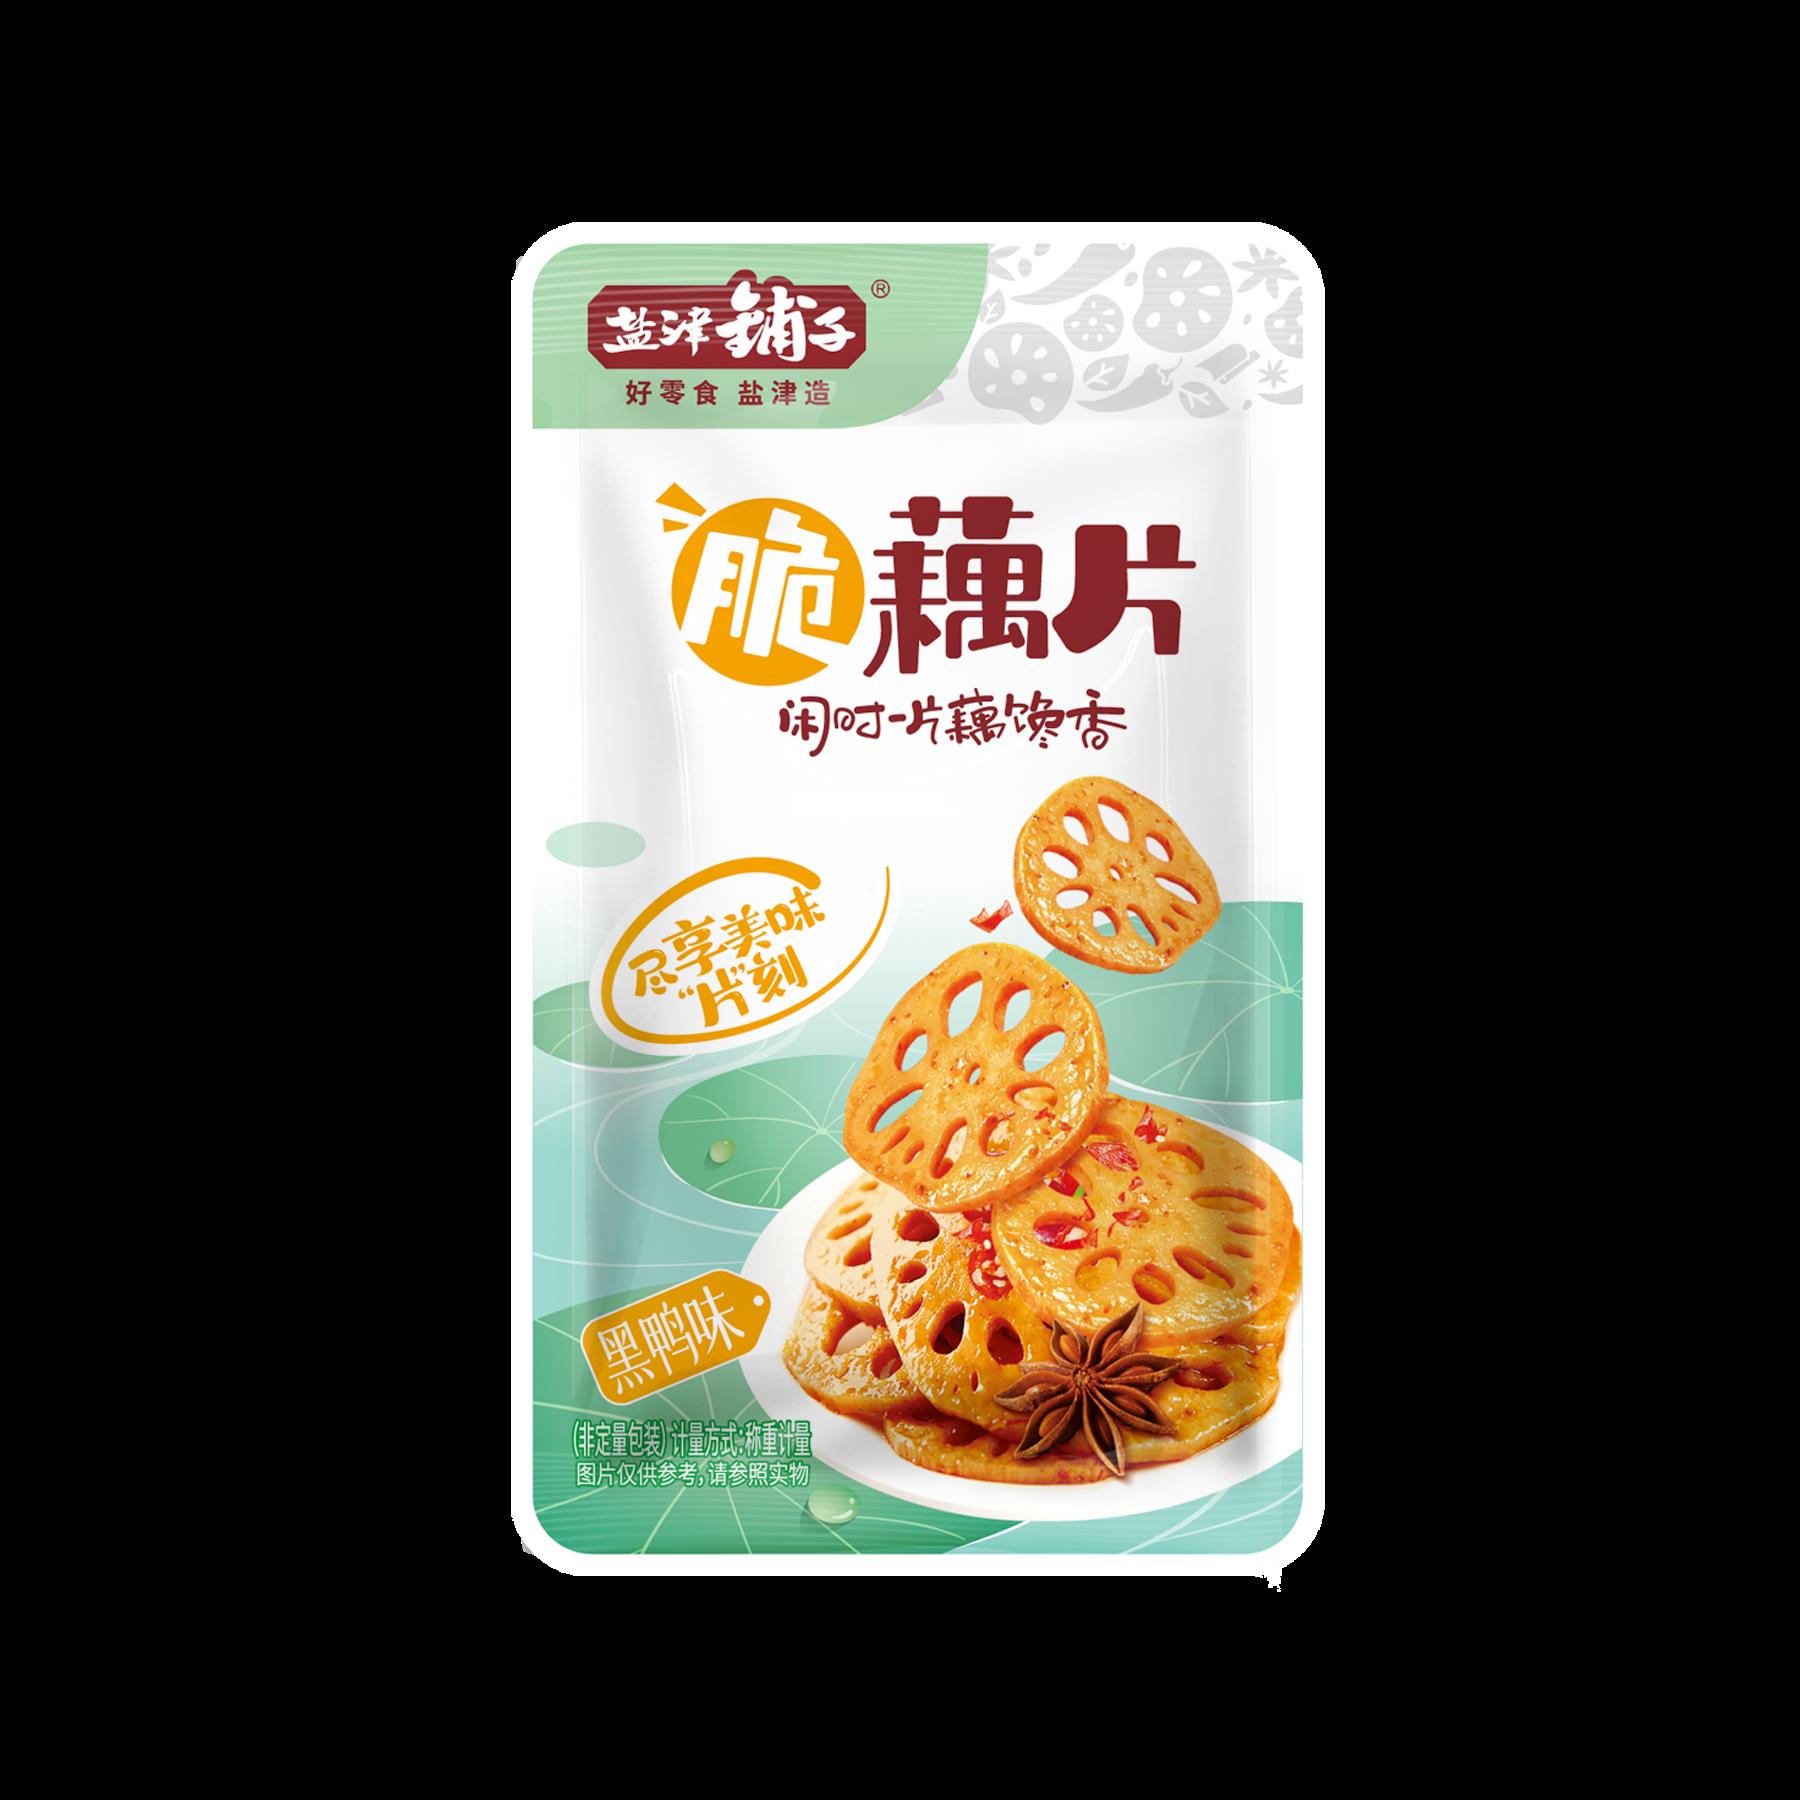 脆藕片(黑鸭味)